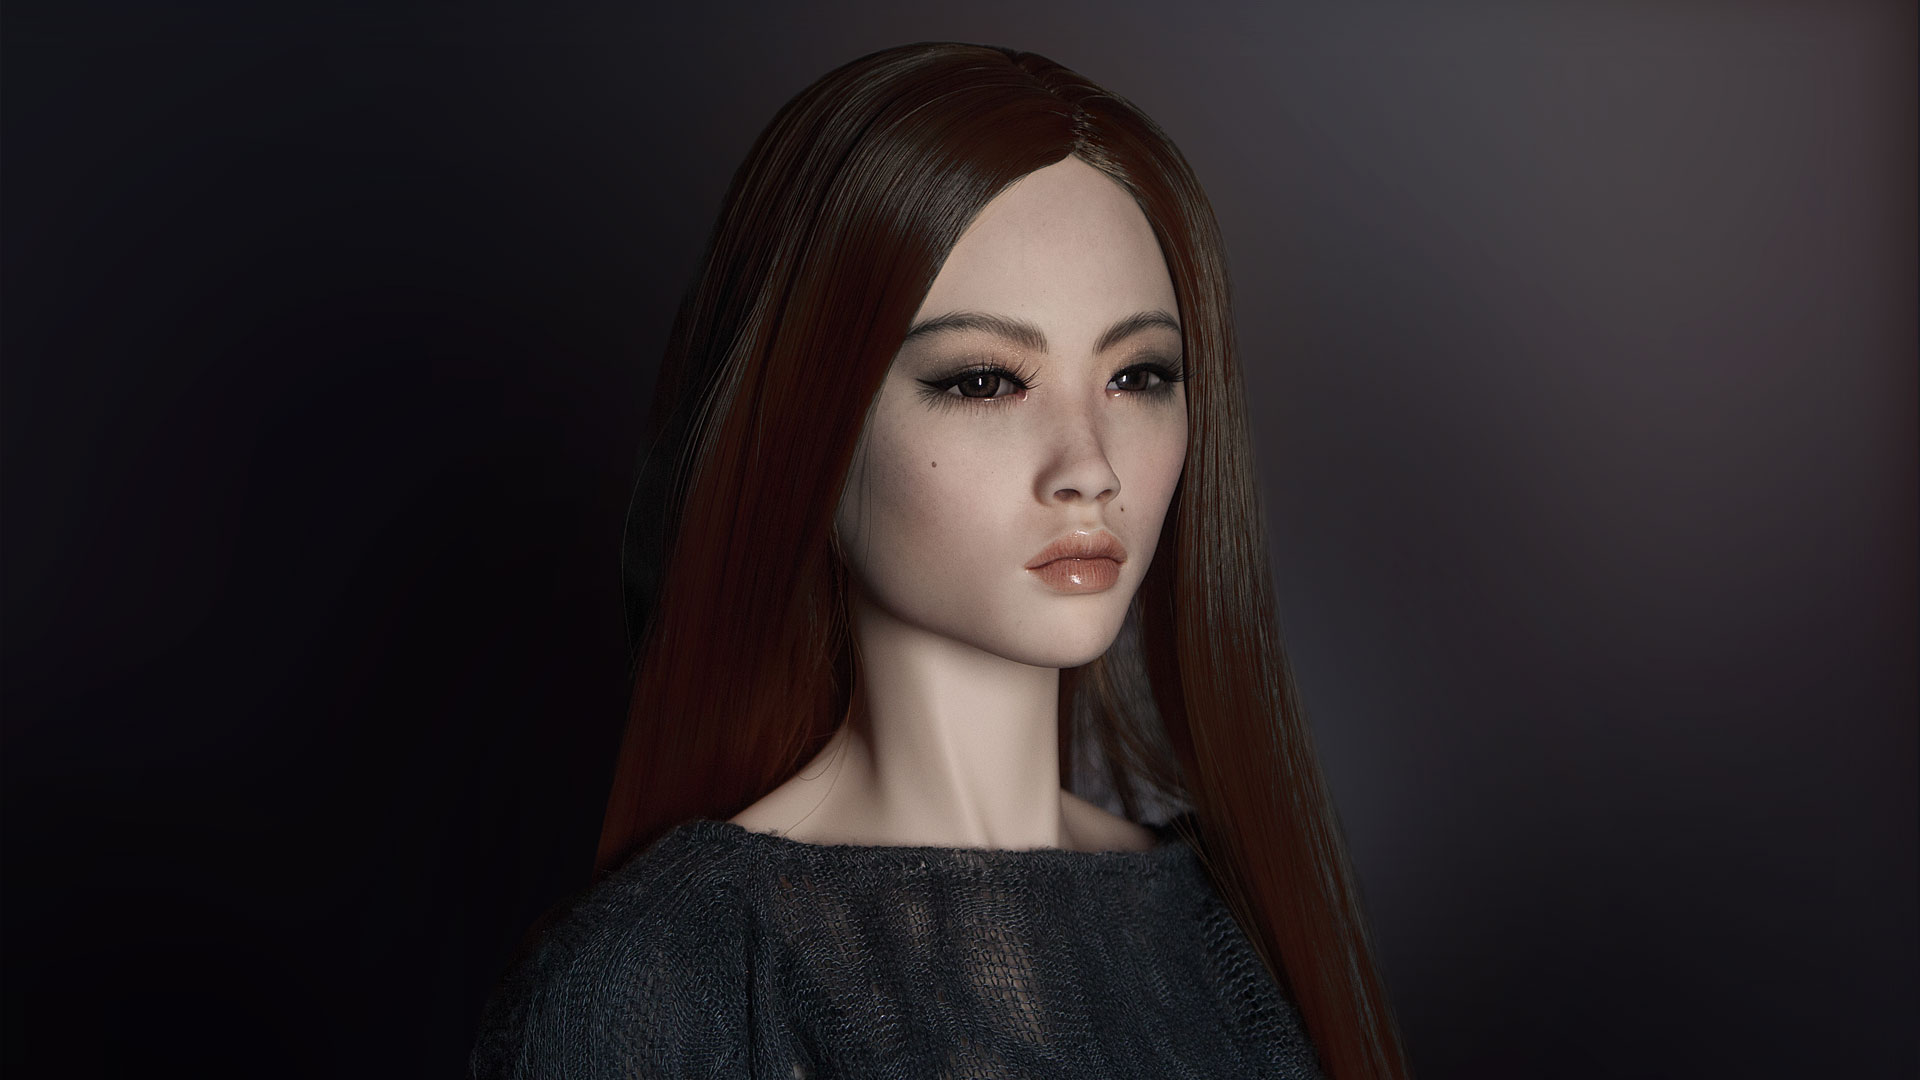 Liu_02